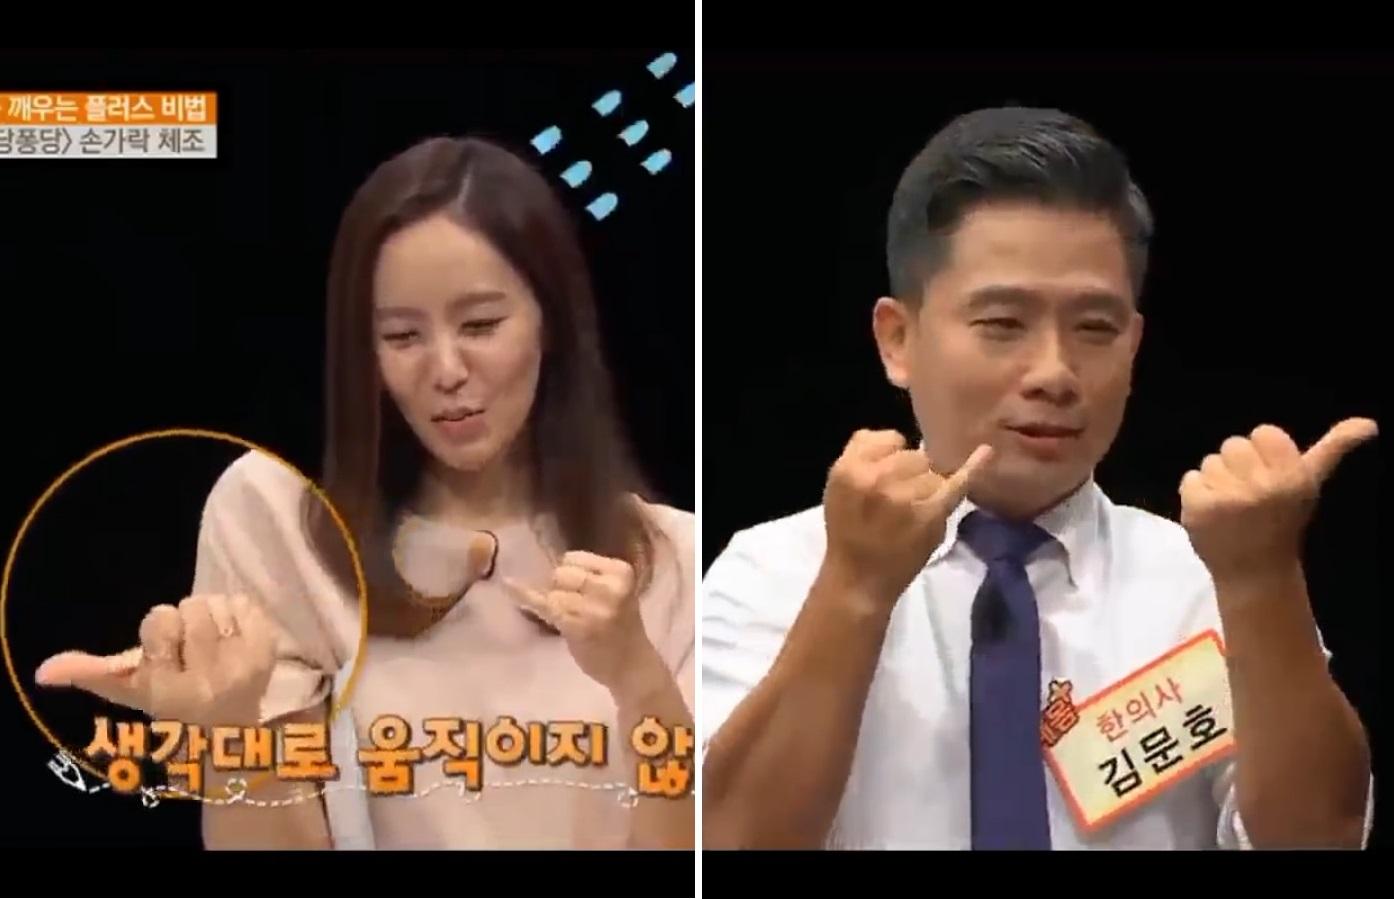 Giáo sư Hàn Quốc bày cách tăng sự tập trung bằng một bài tập tay đơn giản không thể tin nổi